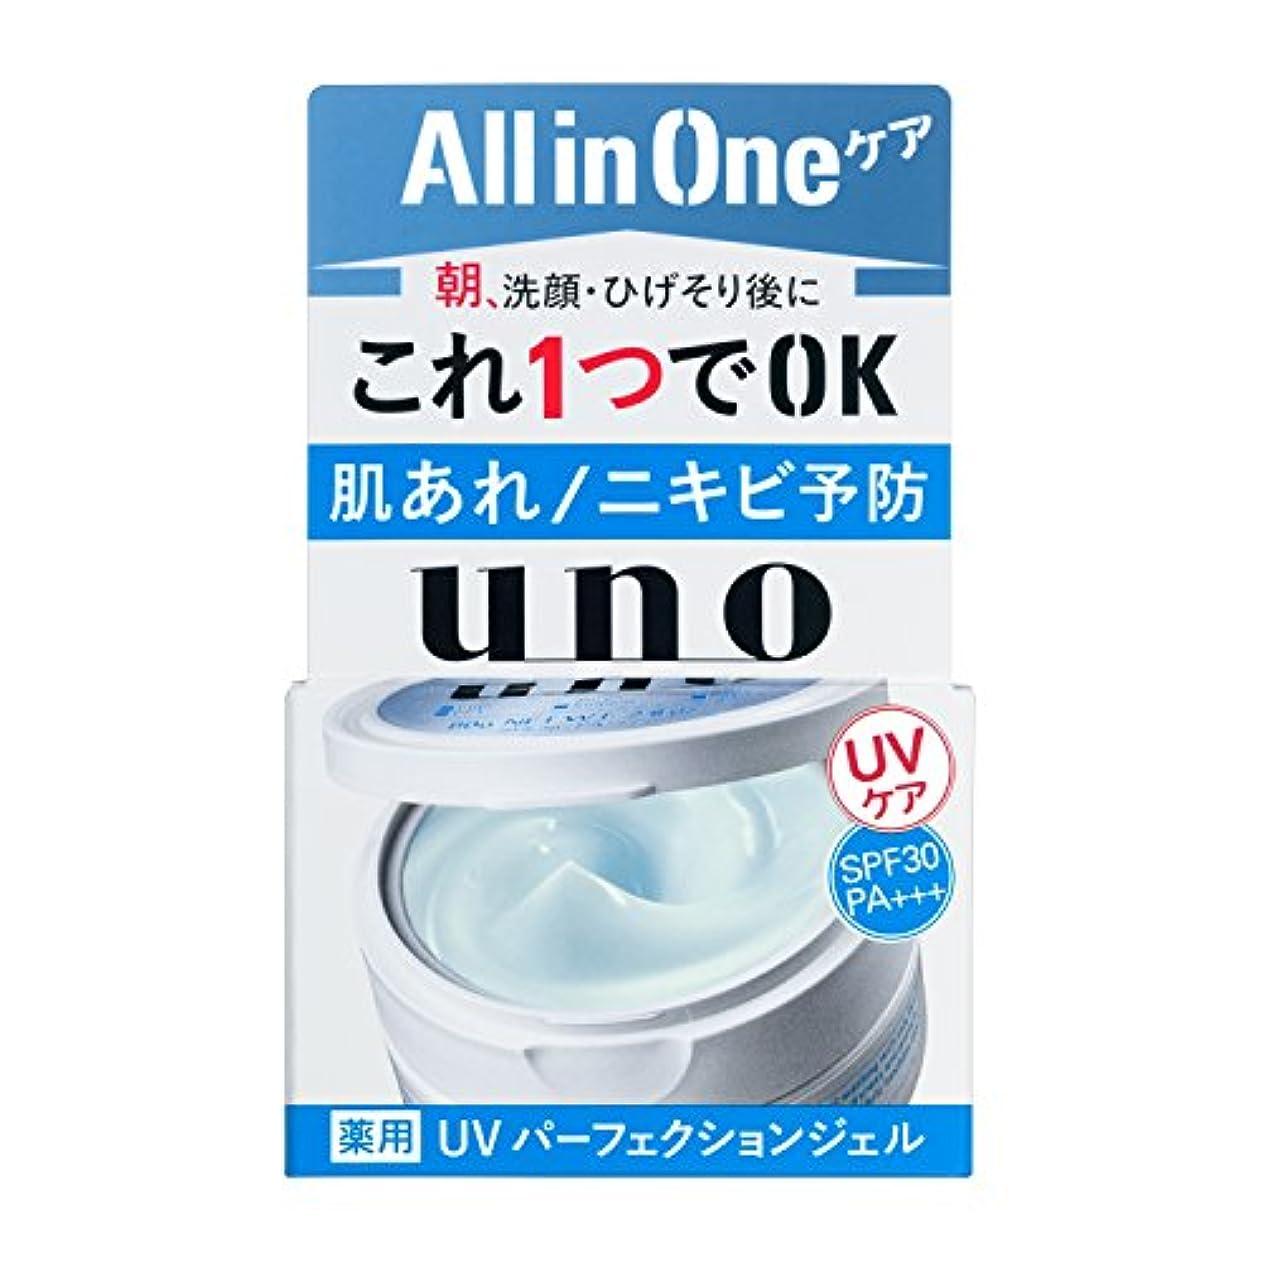 溶けた広まった傾向がありますウーノ UVパーフェクションジェル 80g (医薬部外品)